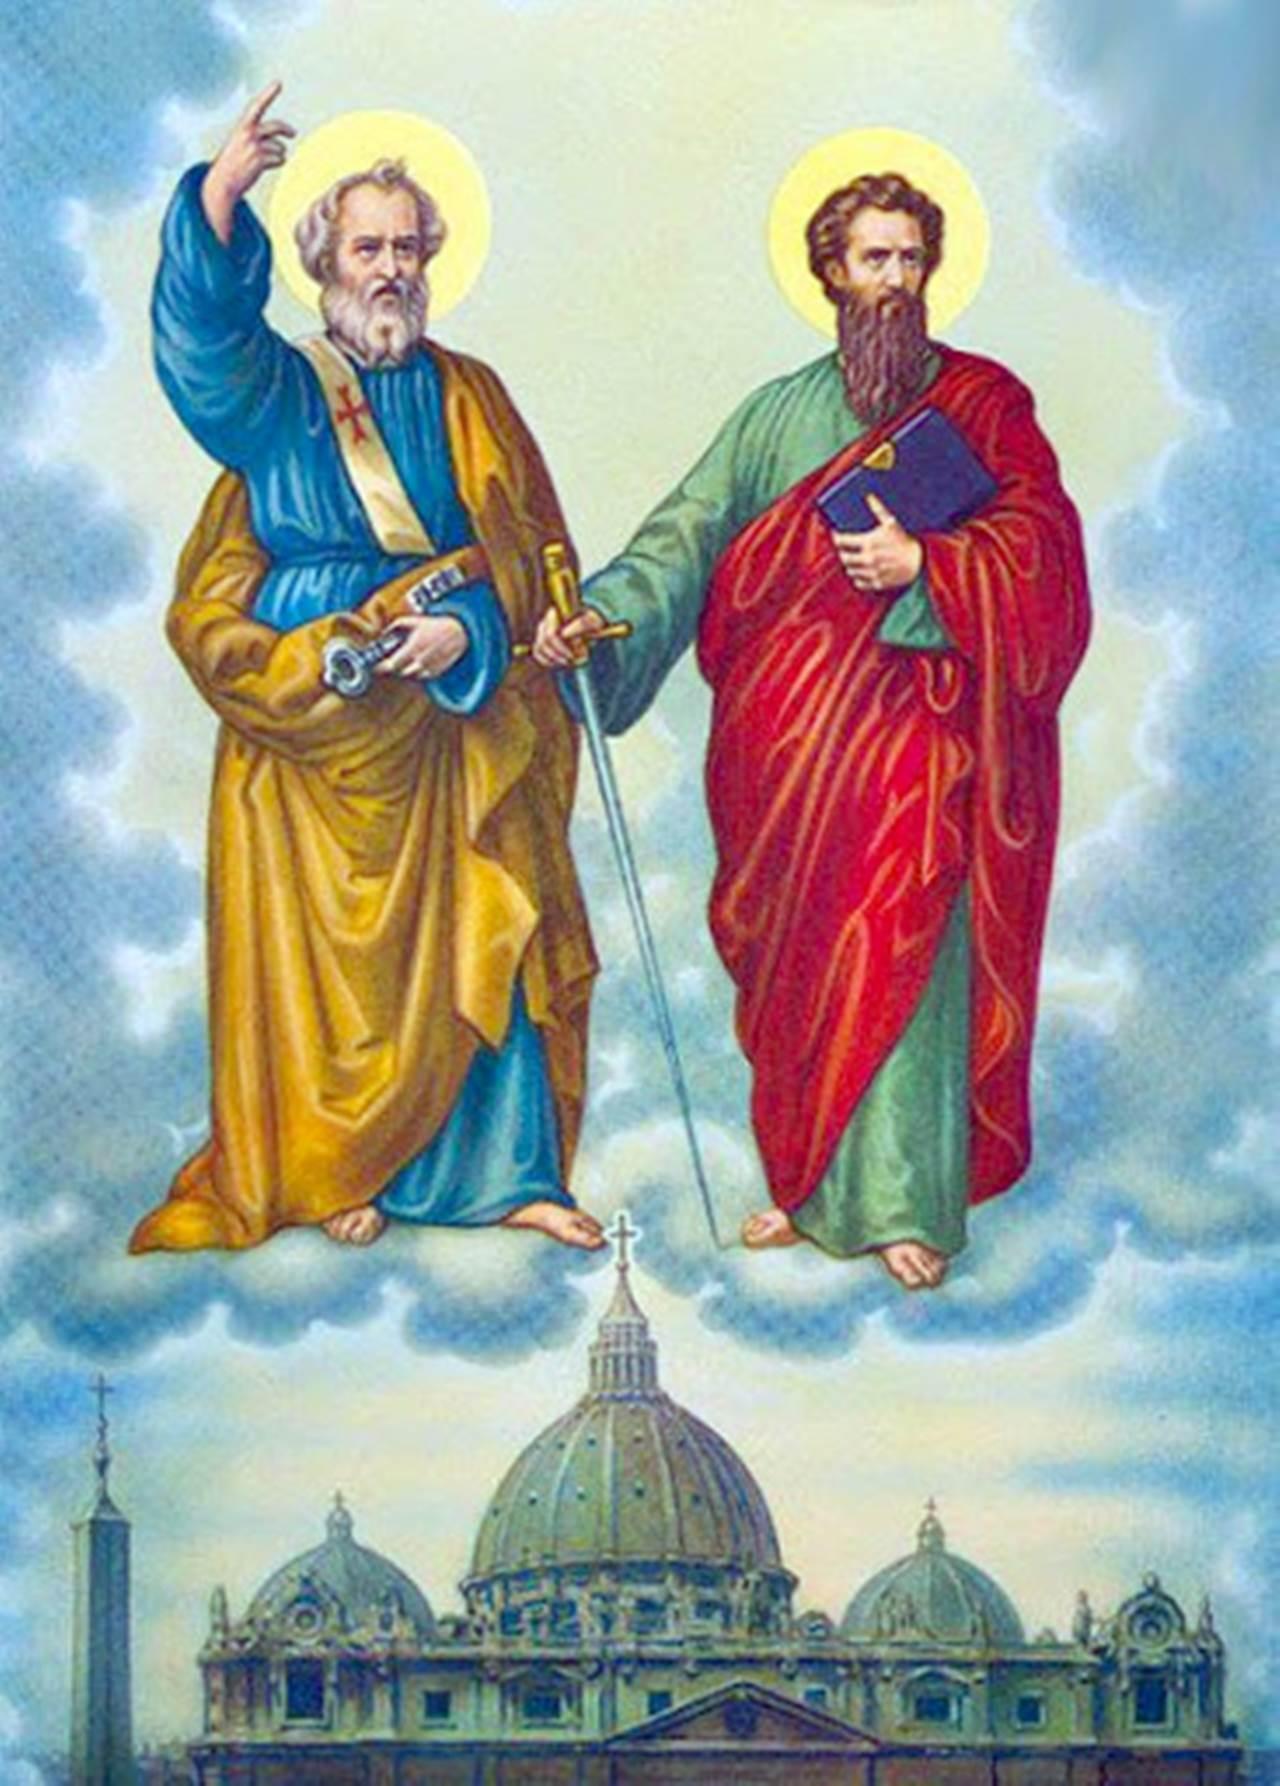 Anh là tảng đá (29.6.2021 – Thứ Ba, Lễ thánh Phêrô và thánh Phaolô tông đồ)